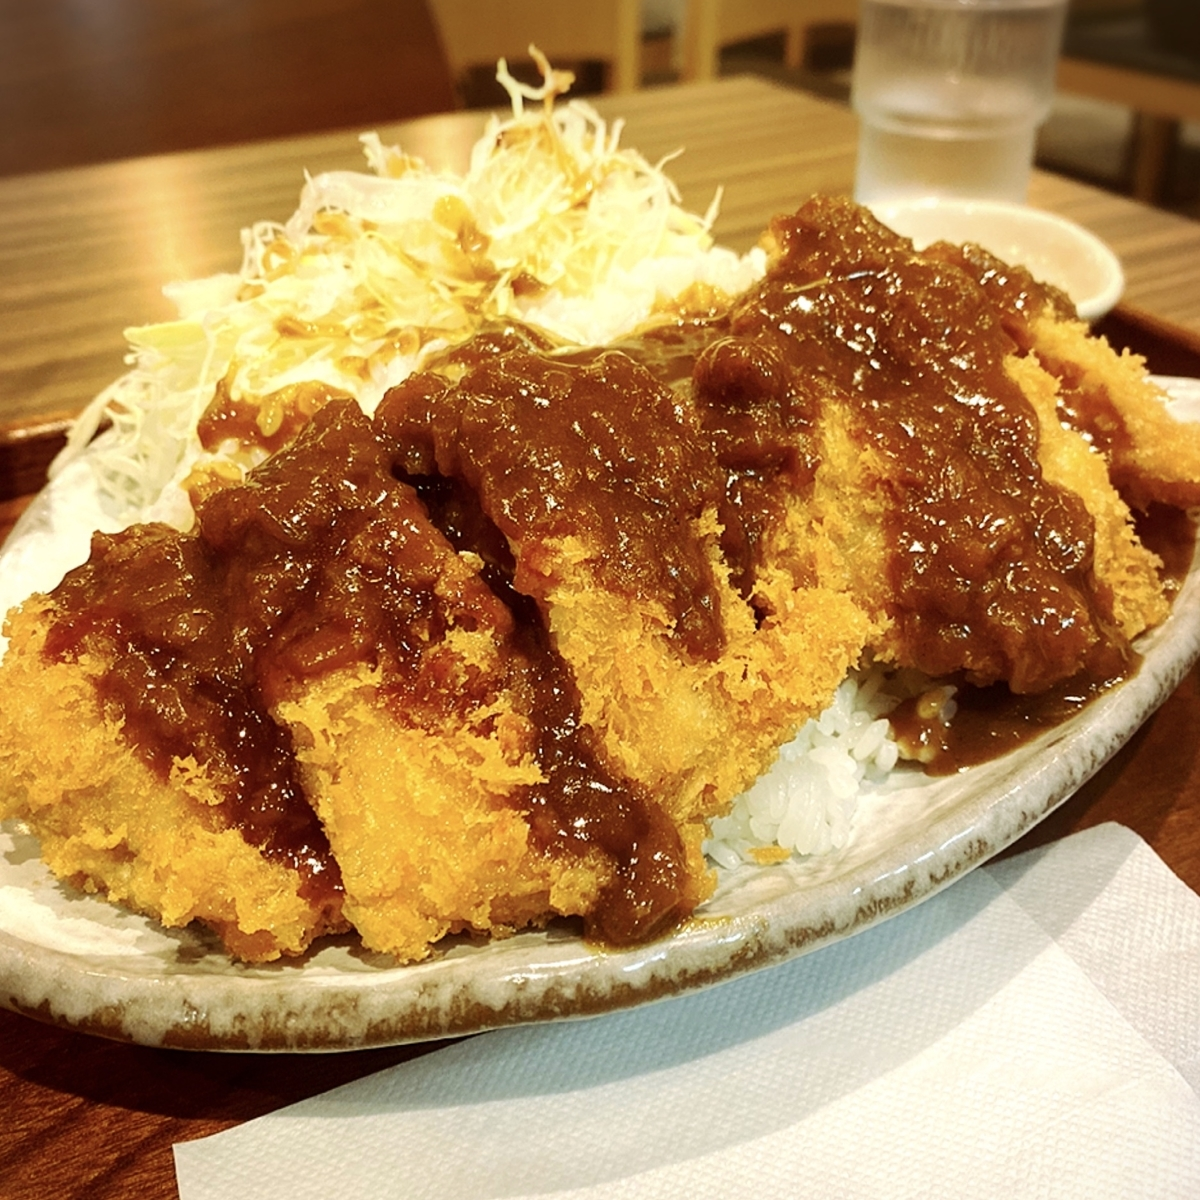 吉祥寺でガッツリと安くて美味い定食がいただける大戸屋の新業態1号店